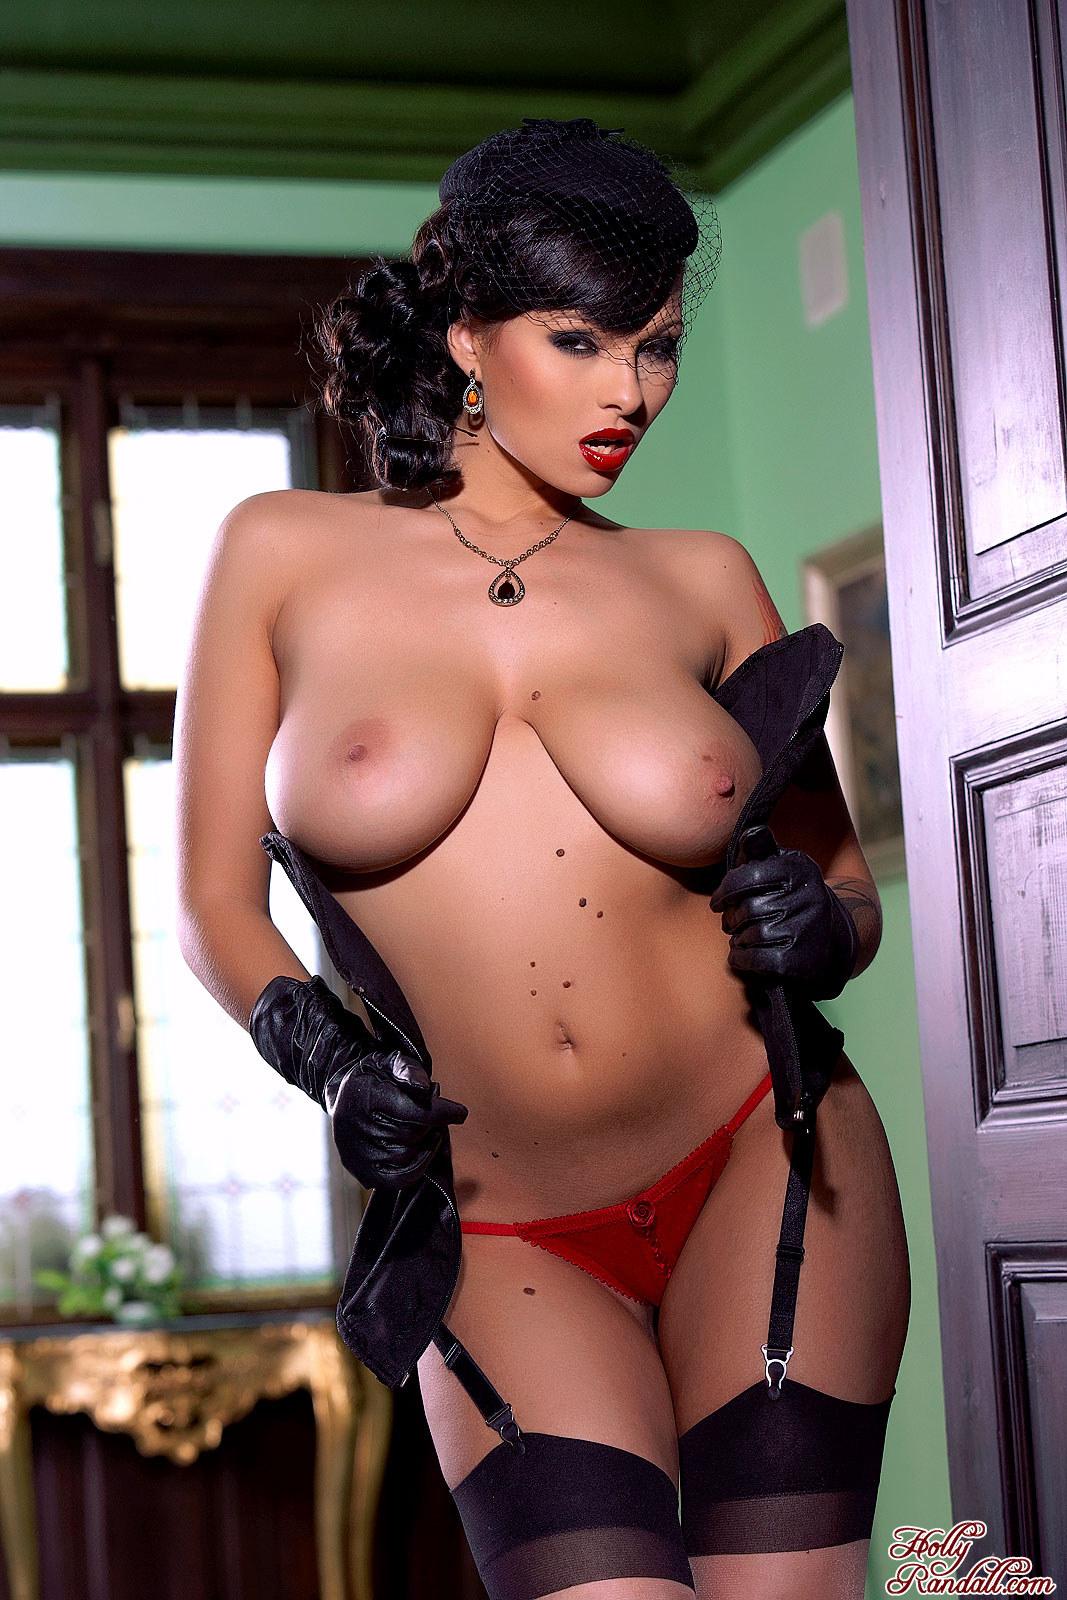 Чернокожие сучки с большими сиськами фото 15 фотография